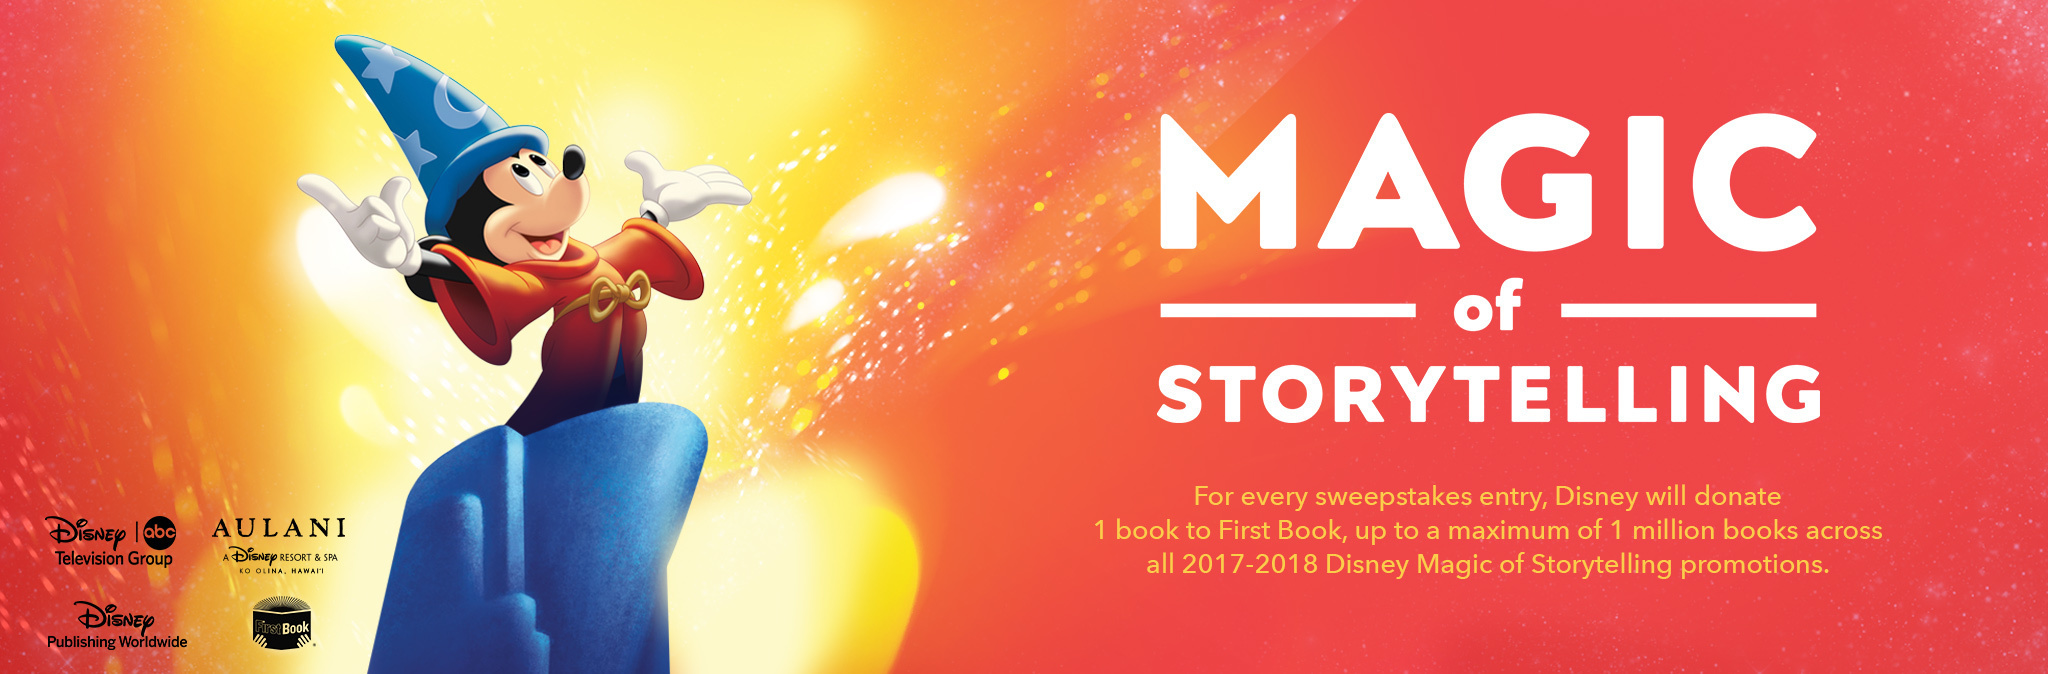 Aulani Magic Of Storytelling